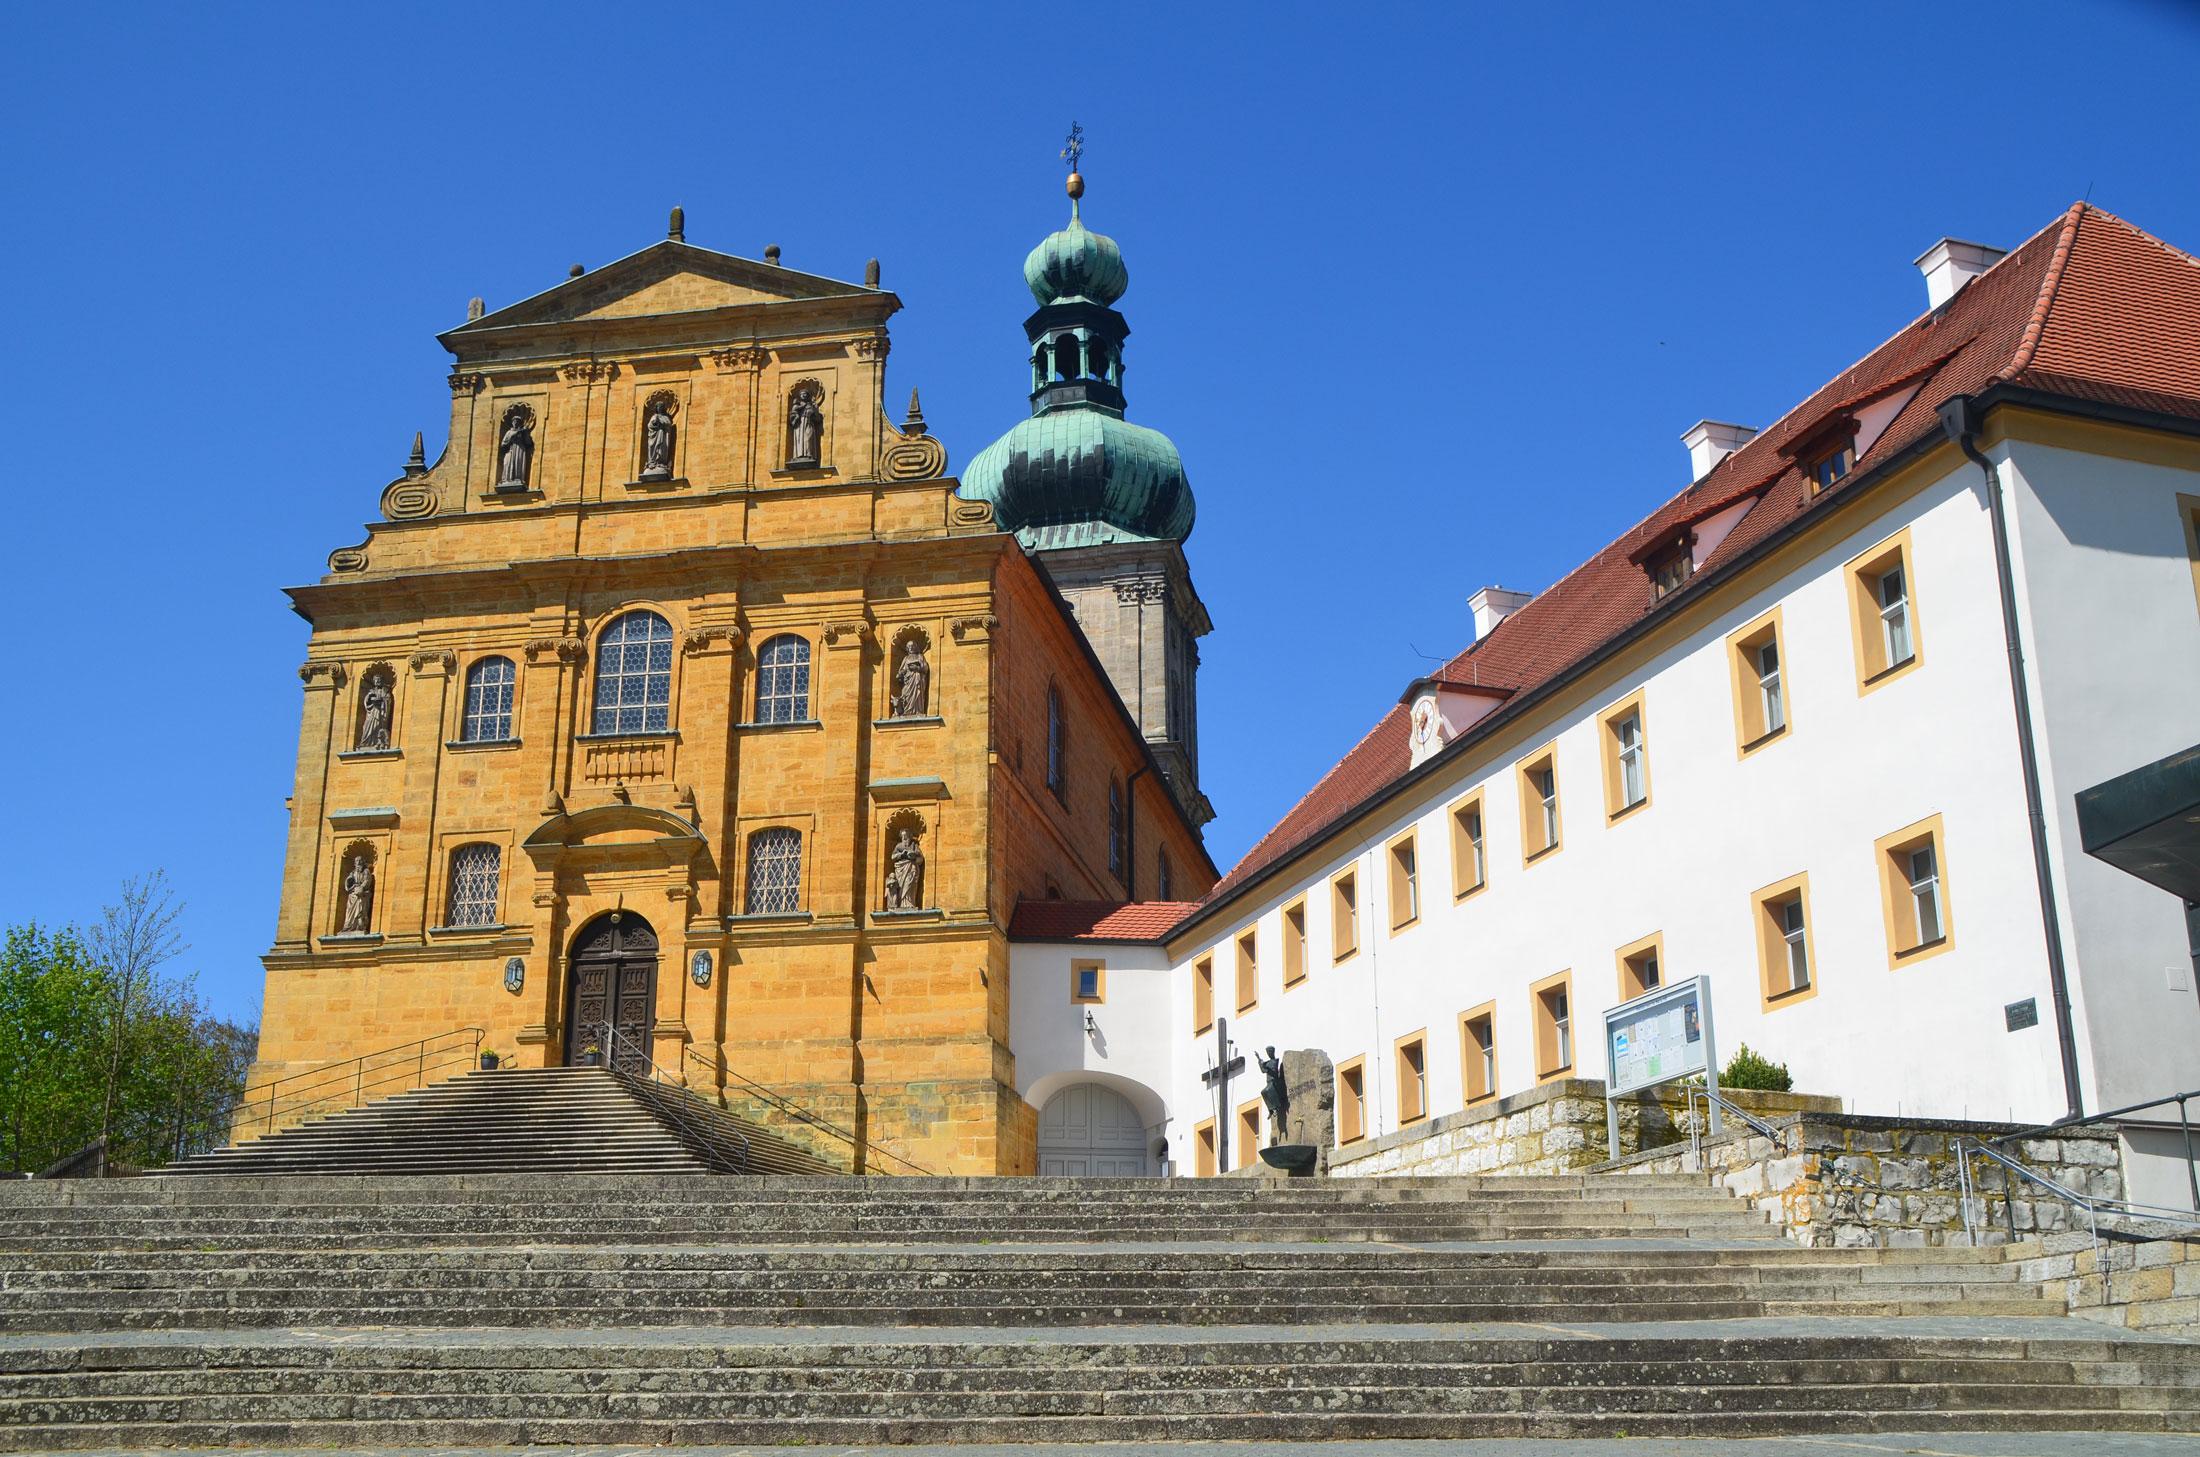 Die Franziskaner auf dem Mariahilfberg gehören zu Amberg wie die Stadtbrille und das Rathaus. Sie sind nicht nur eine geistliche Institution, sie wachen auch über die Tradition des beliebten Bergfestes!